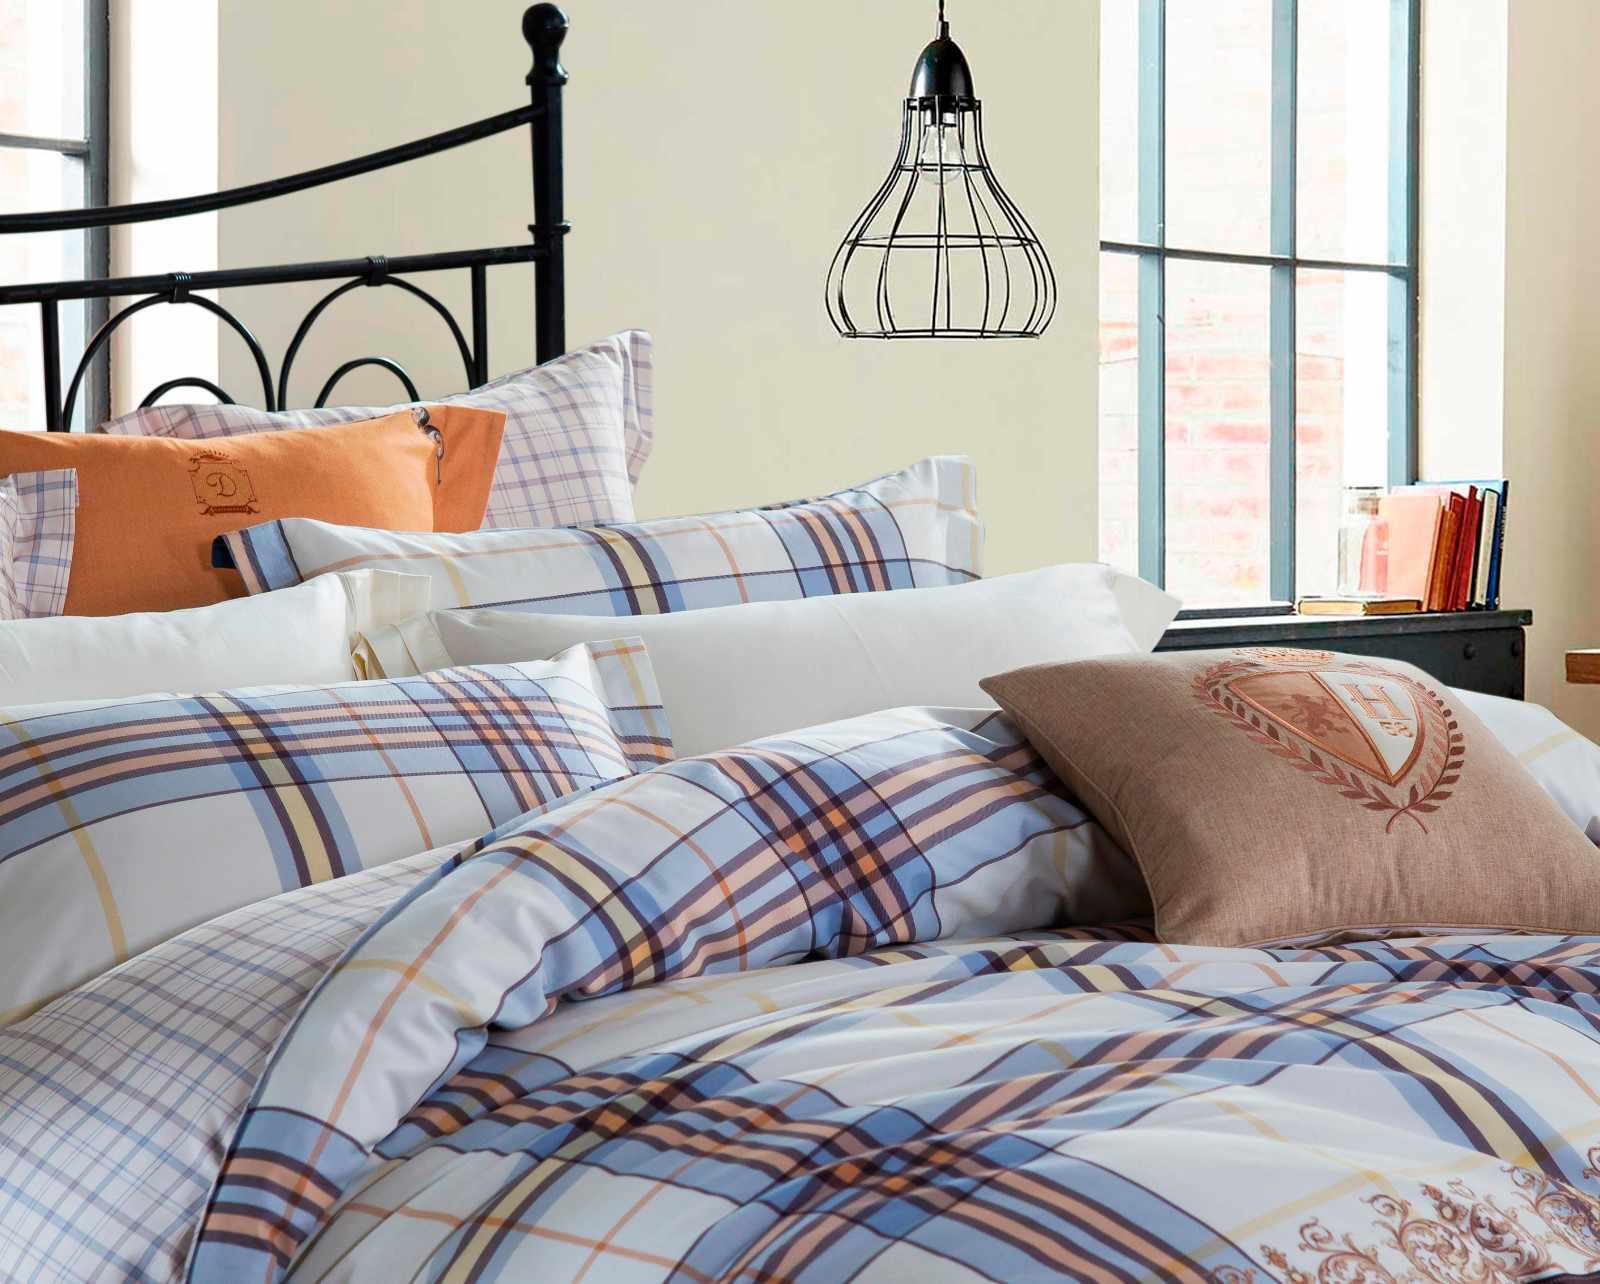 Daphne Elegant Printed Cotton Bedding Set  6835 100% Cotton Printed image46